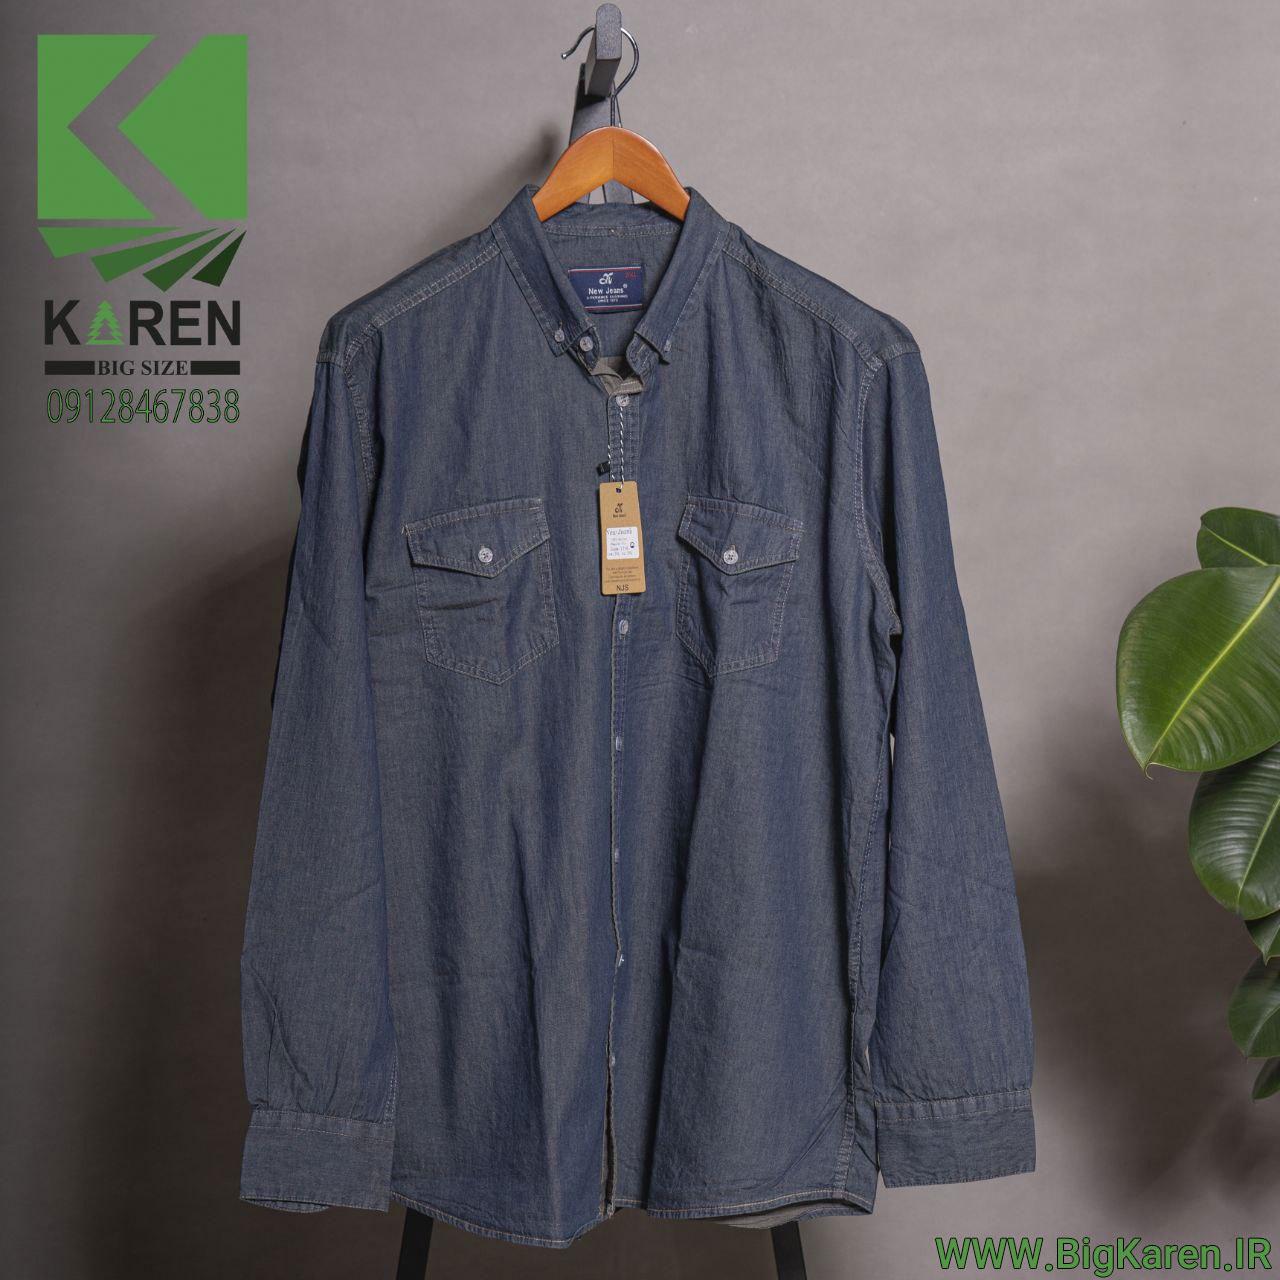 پیراهن سایز بزرگ جین مردانه دو جیب رنگ سرمه ای خرید اینترنتی از سایت بیگ کارن